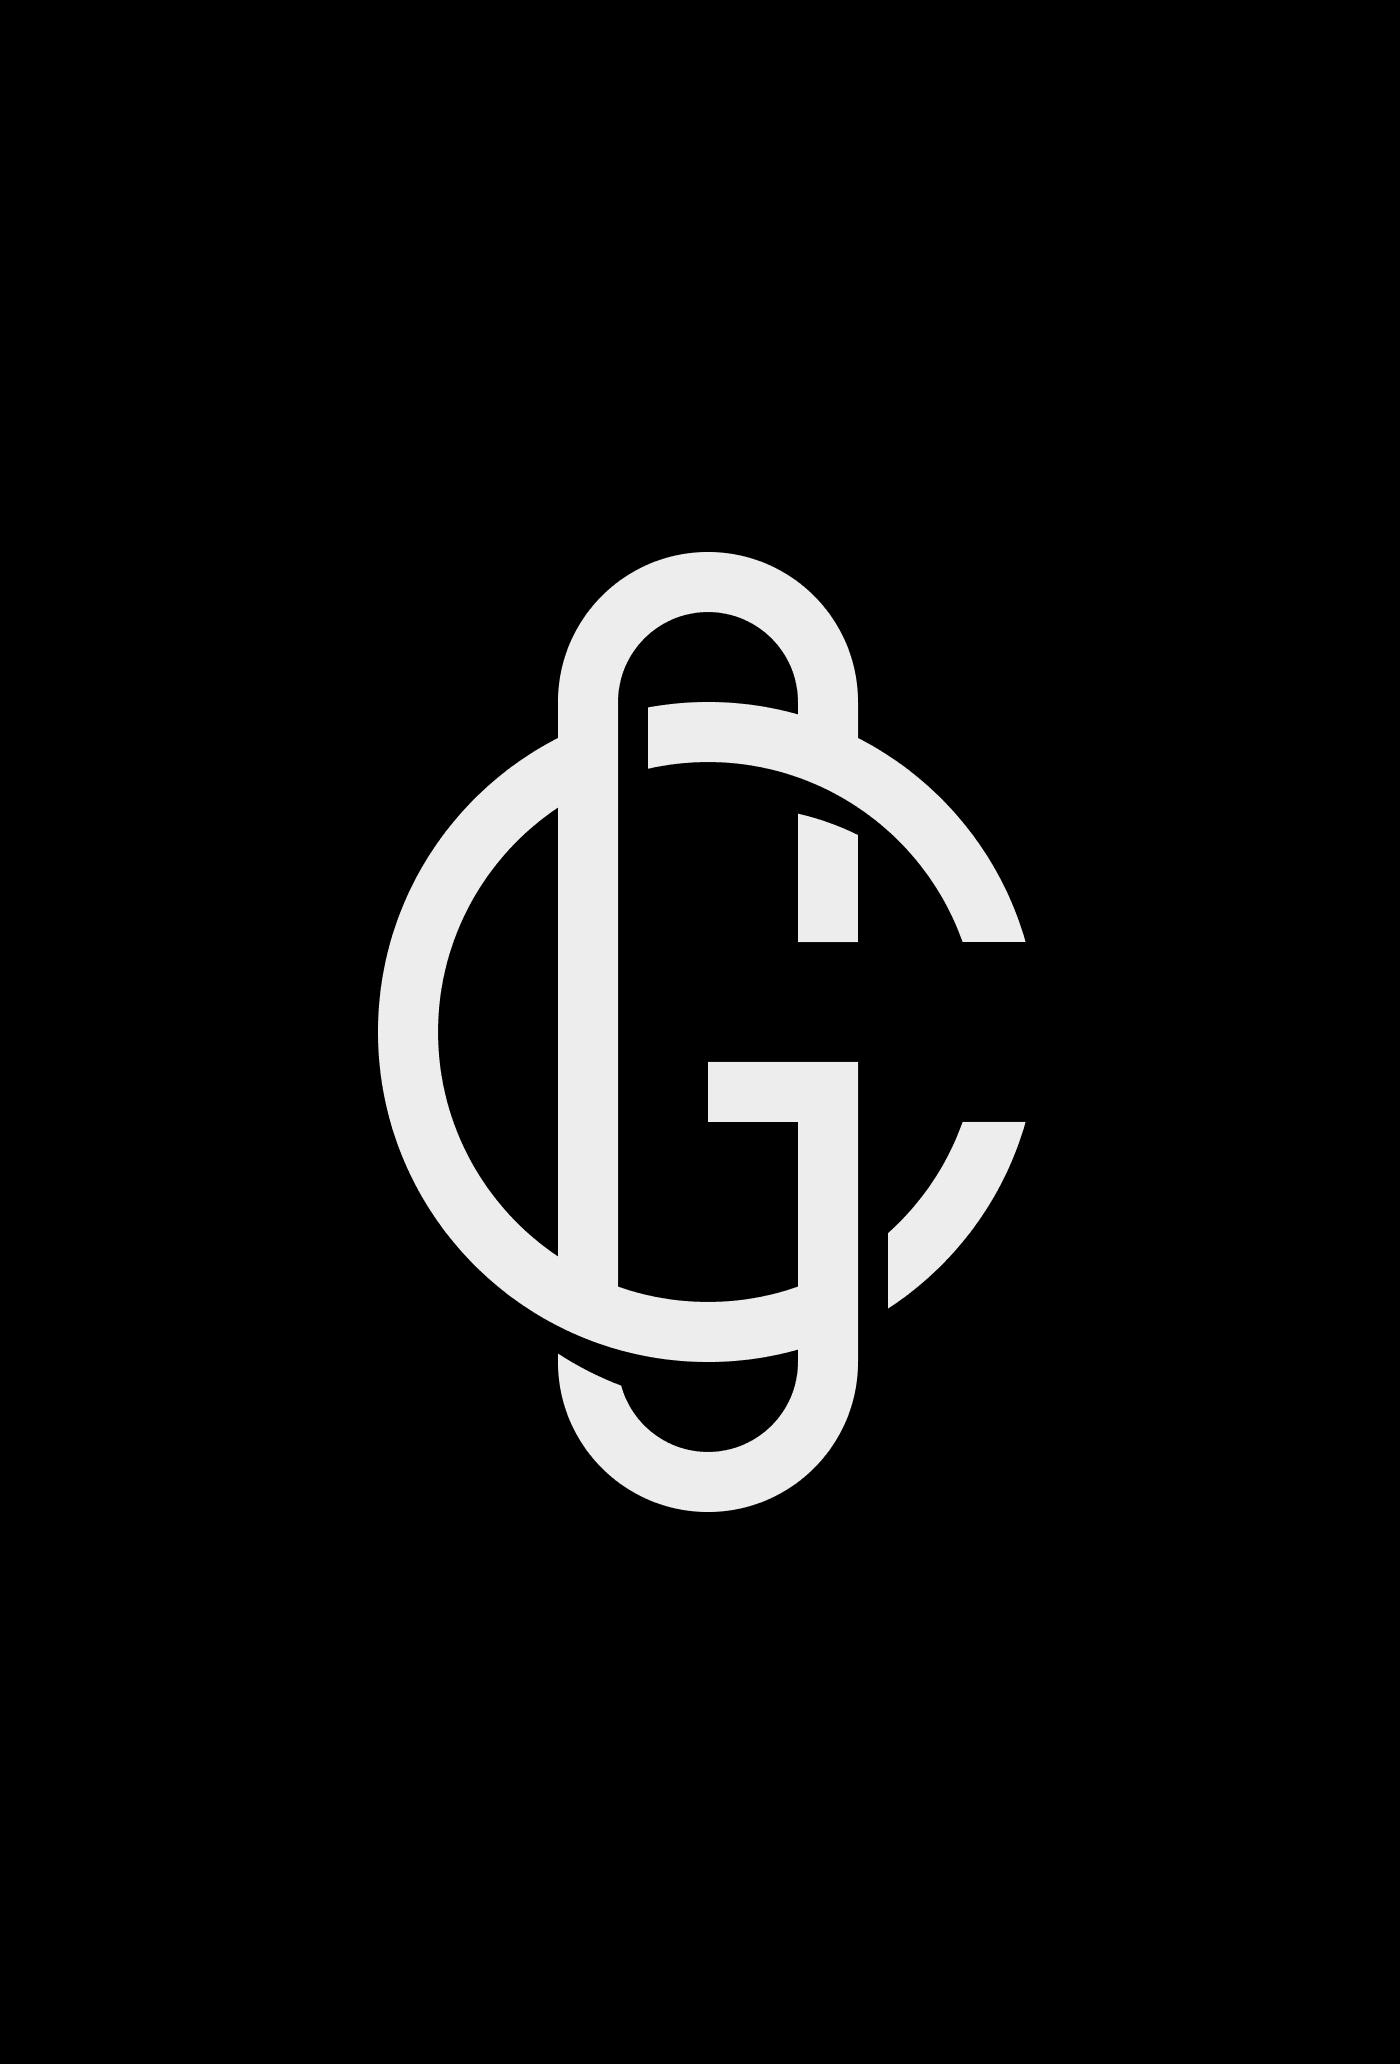 BrunoSilva-Logos-012